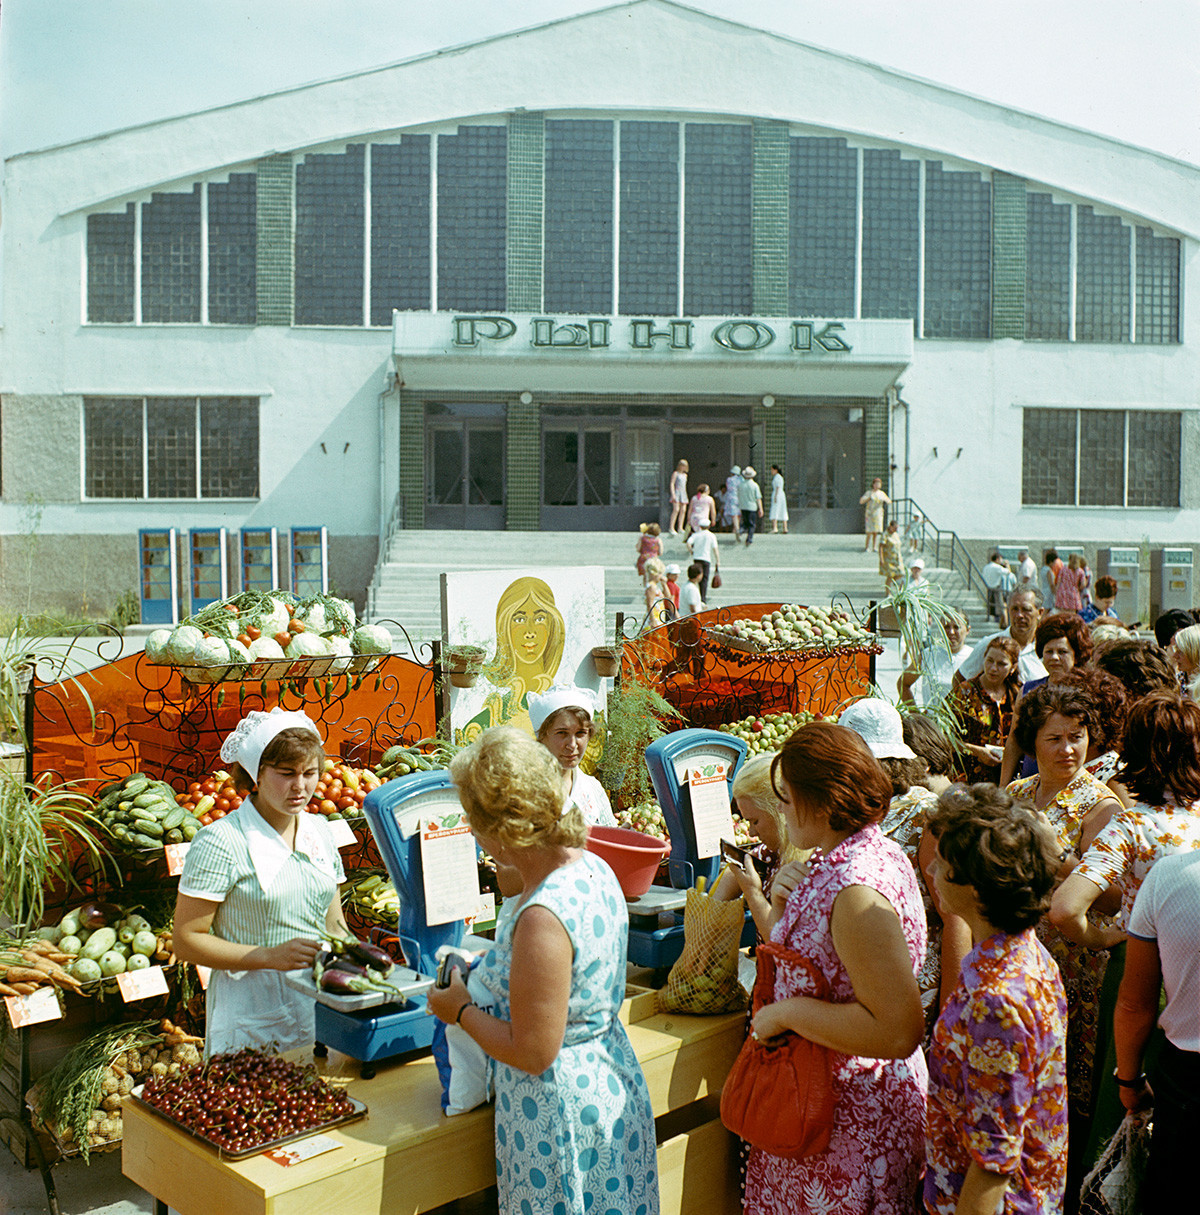 Vendedores de frutas y verduras en una calle de Yevpatoria, Crimea, 1979.